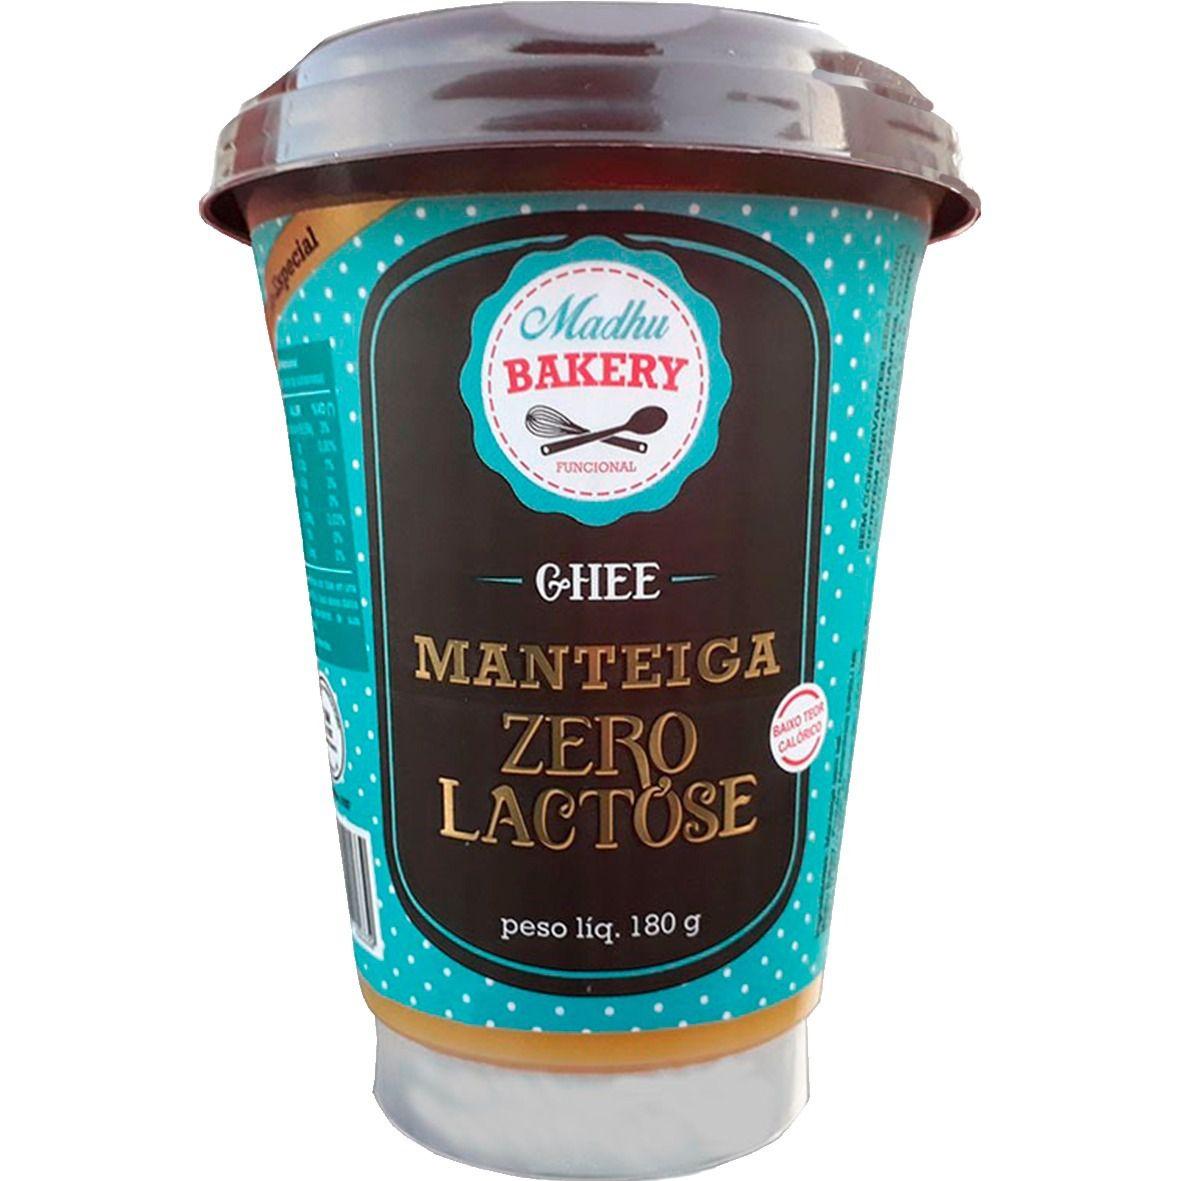 Manteiga Ghee - Zero Lactose 180g - Madhu Bakery